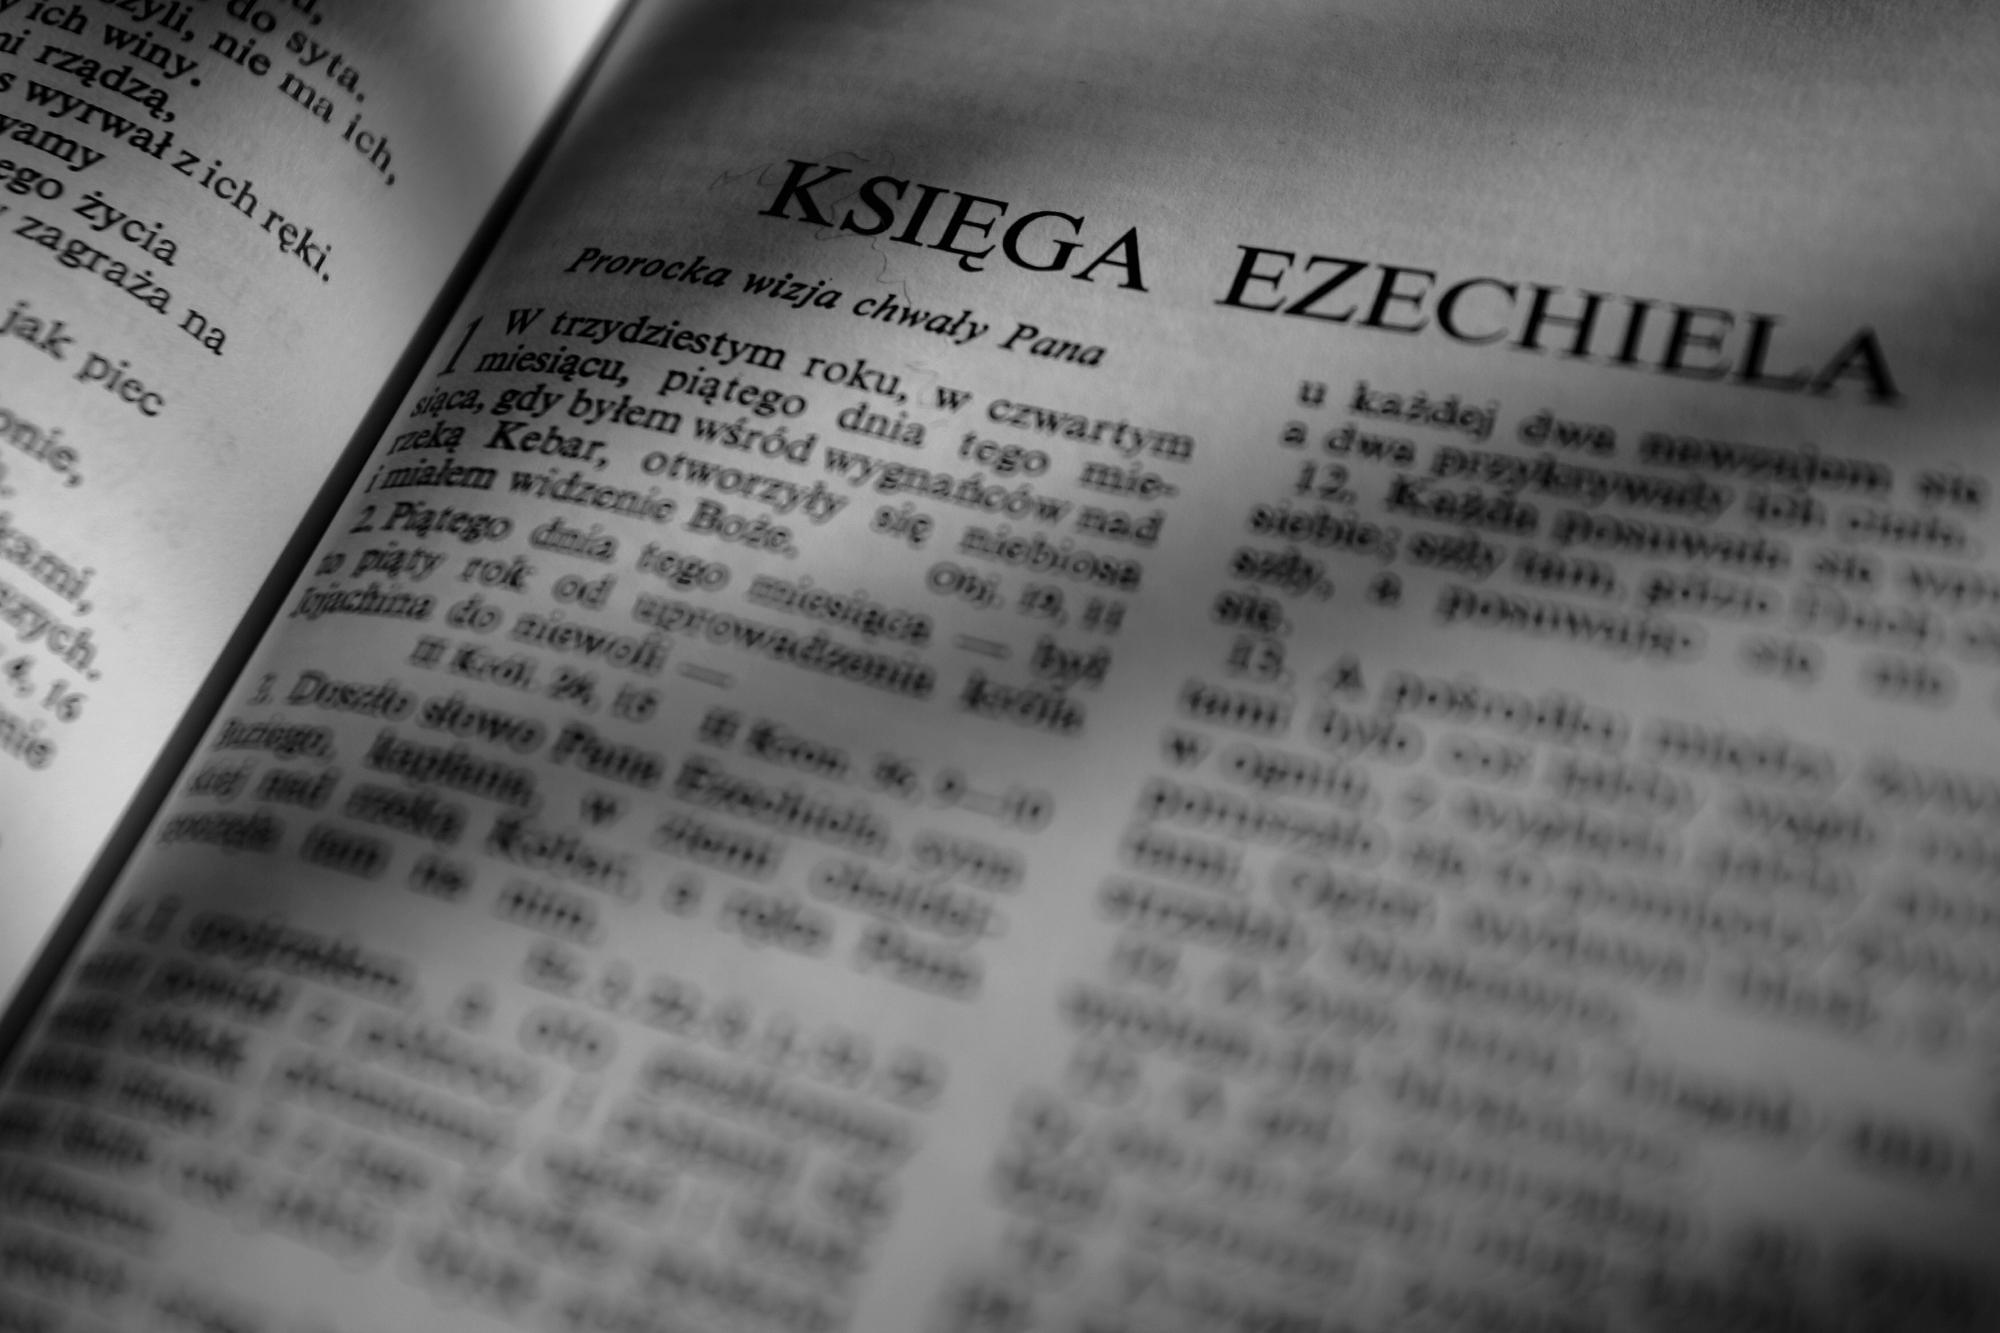 Wizyta duszpasterska sprowadza się dziś przede wszystkim do zbiórki pieniędzy (fot. Dominik Sadowski / Agencja Gazeta)